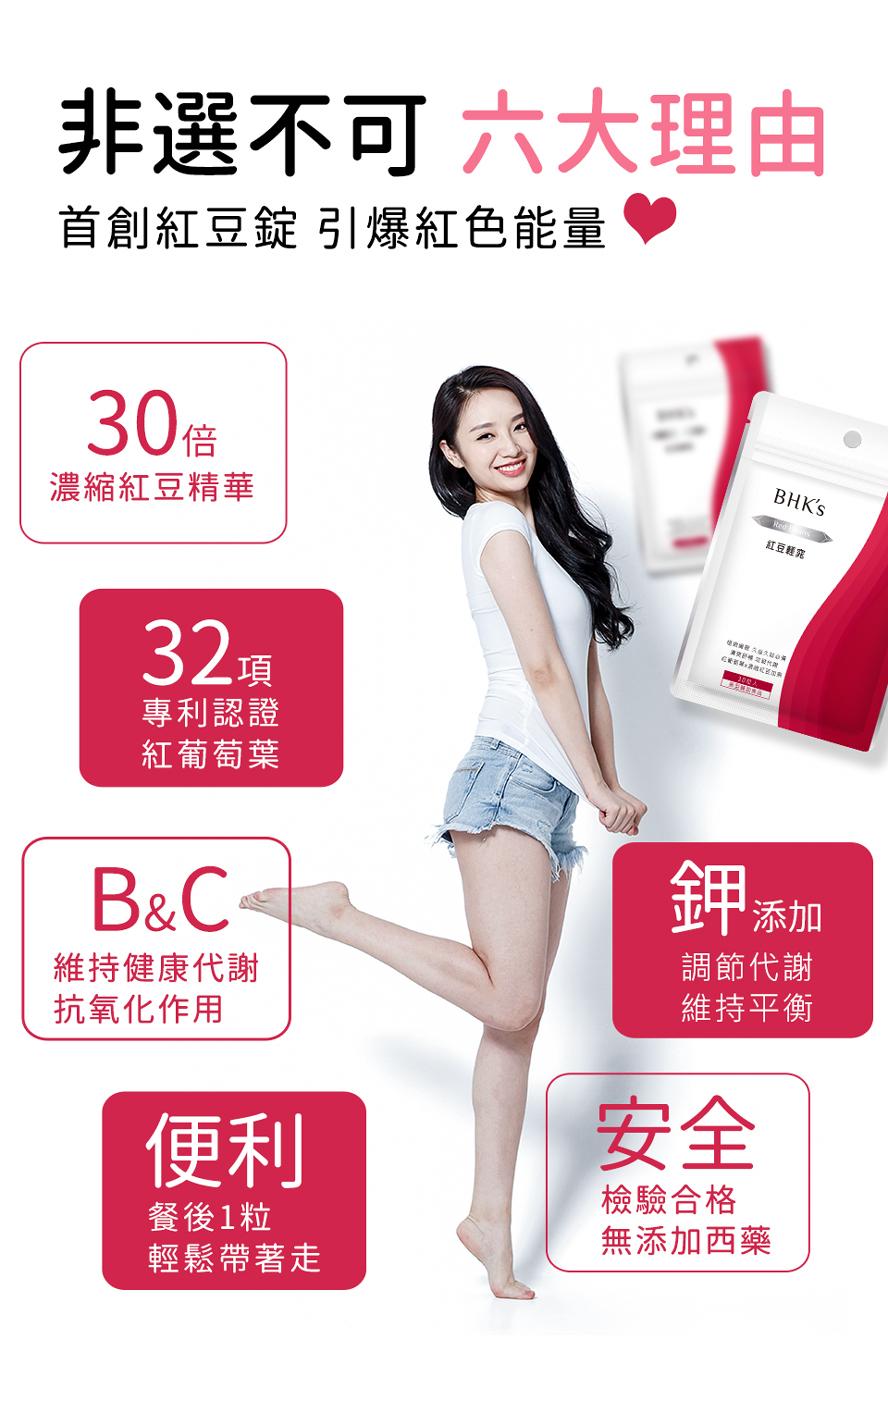 BHK's 紅豆輕窕錠完勝市售各大品牌,消費者有感回饋